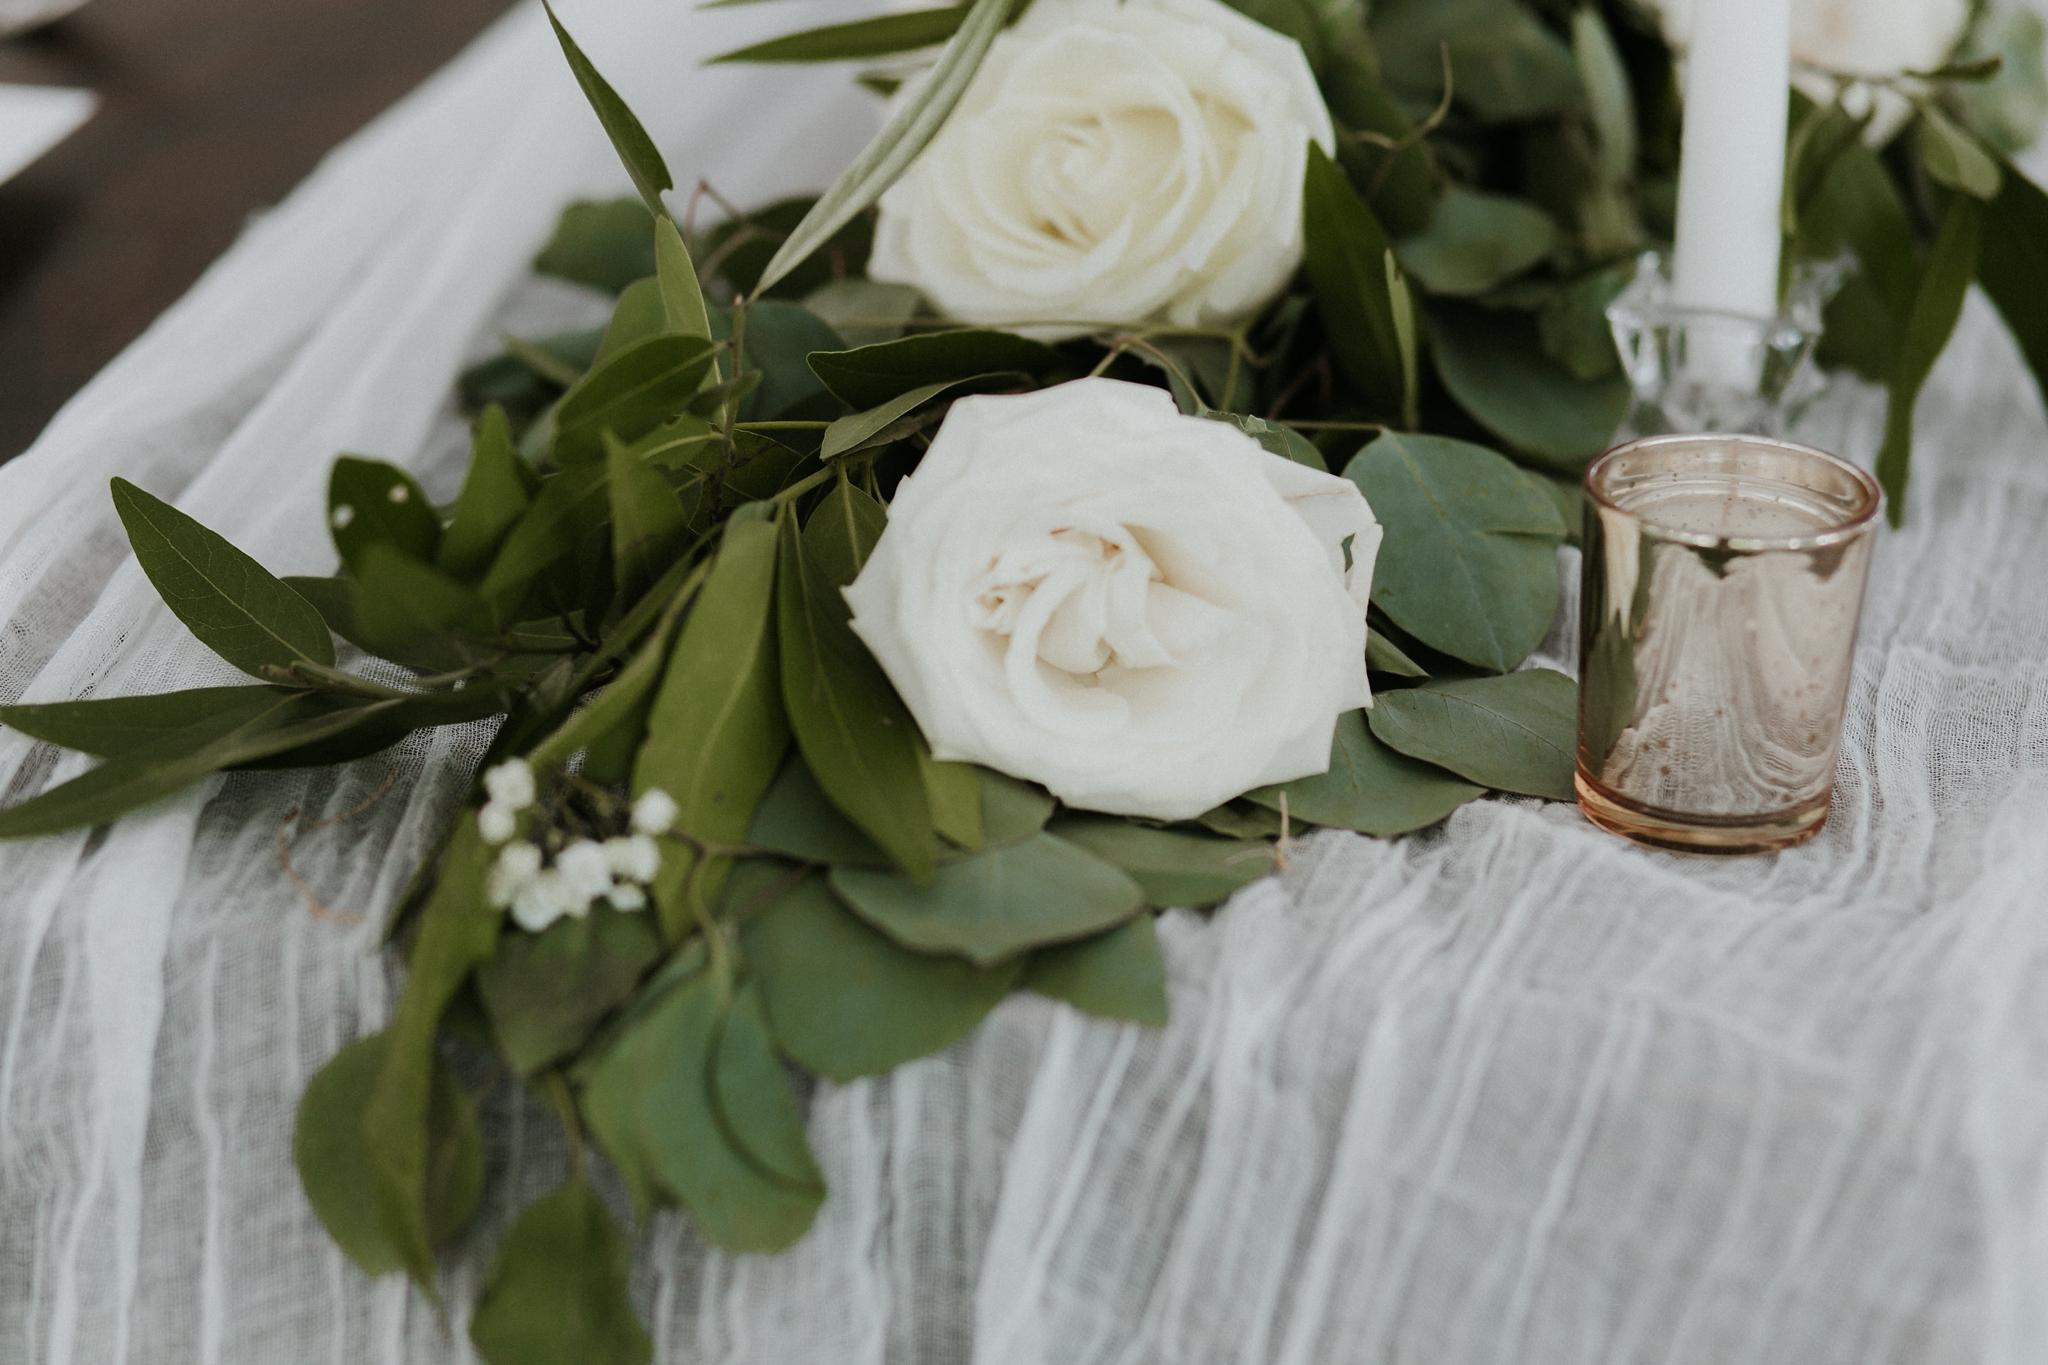 Alicia+lucia+photography+-+albuquerque+wedding+photographer+-+santa+fe+wedding+photography+-+new+mexico+wedding+photographer+-+new+mexico+wedding+-+wedding+reception+-+wedding+florals+-+wedding+centerpieces+-+floral+centerpieces_0053.jpg